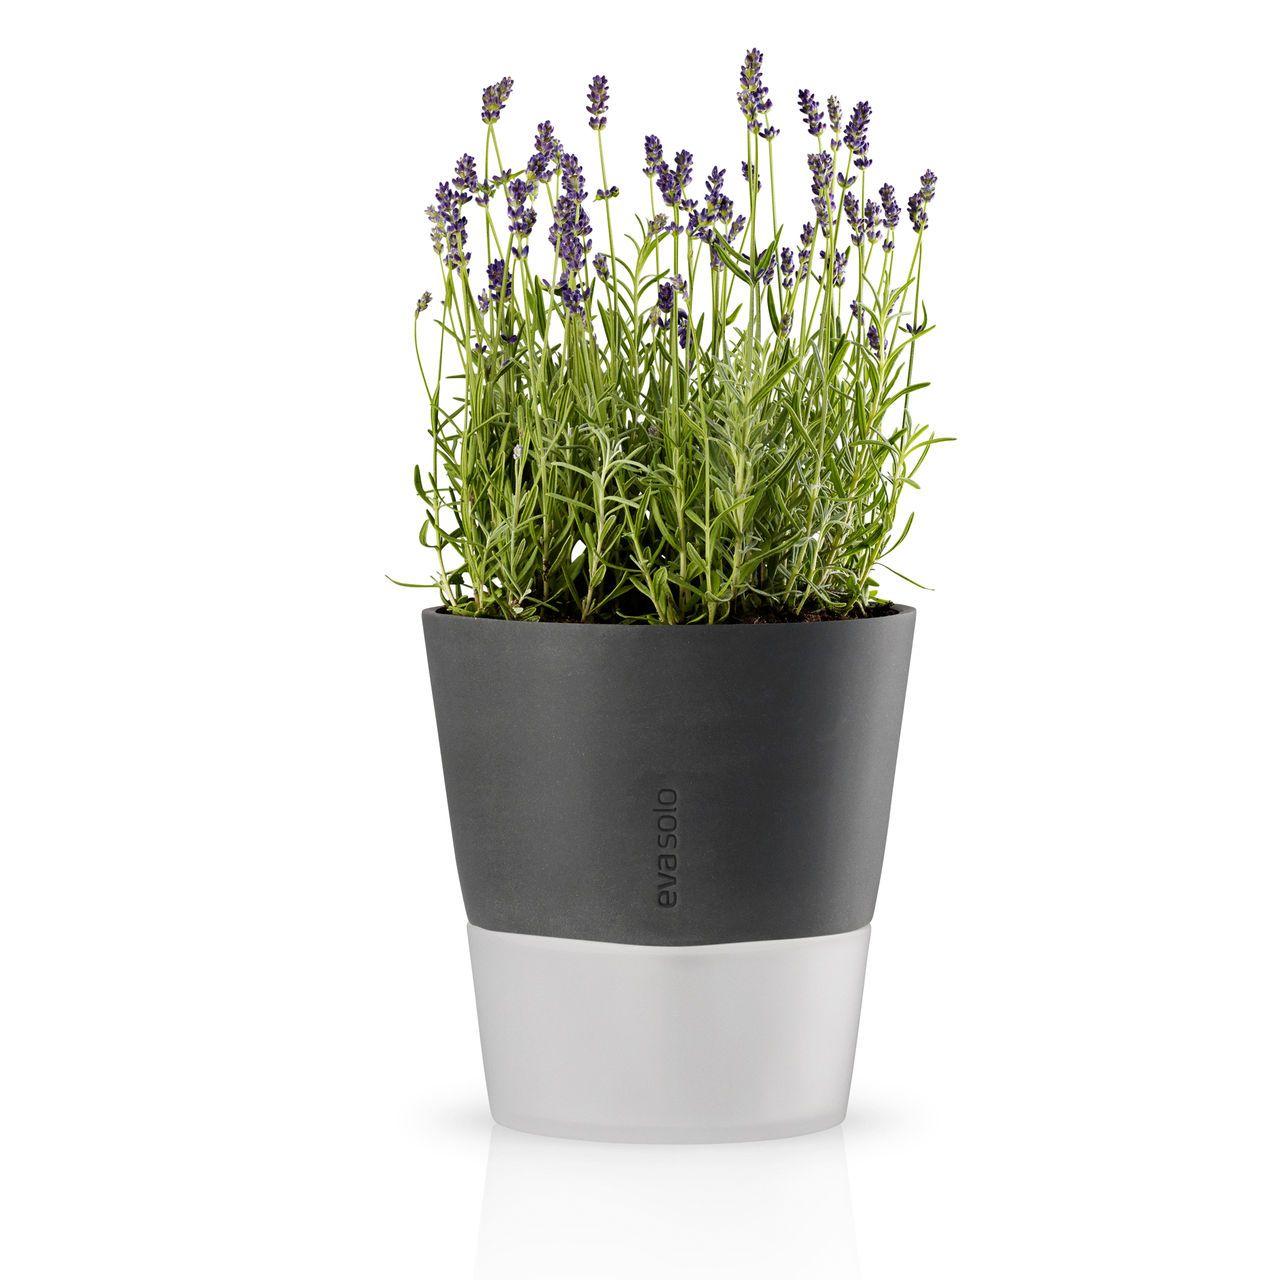 Blumentopf mit wasserreservoir aus glas spezieller for Blumentopf glas